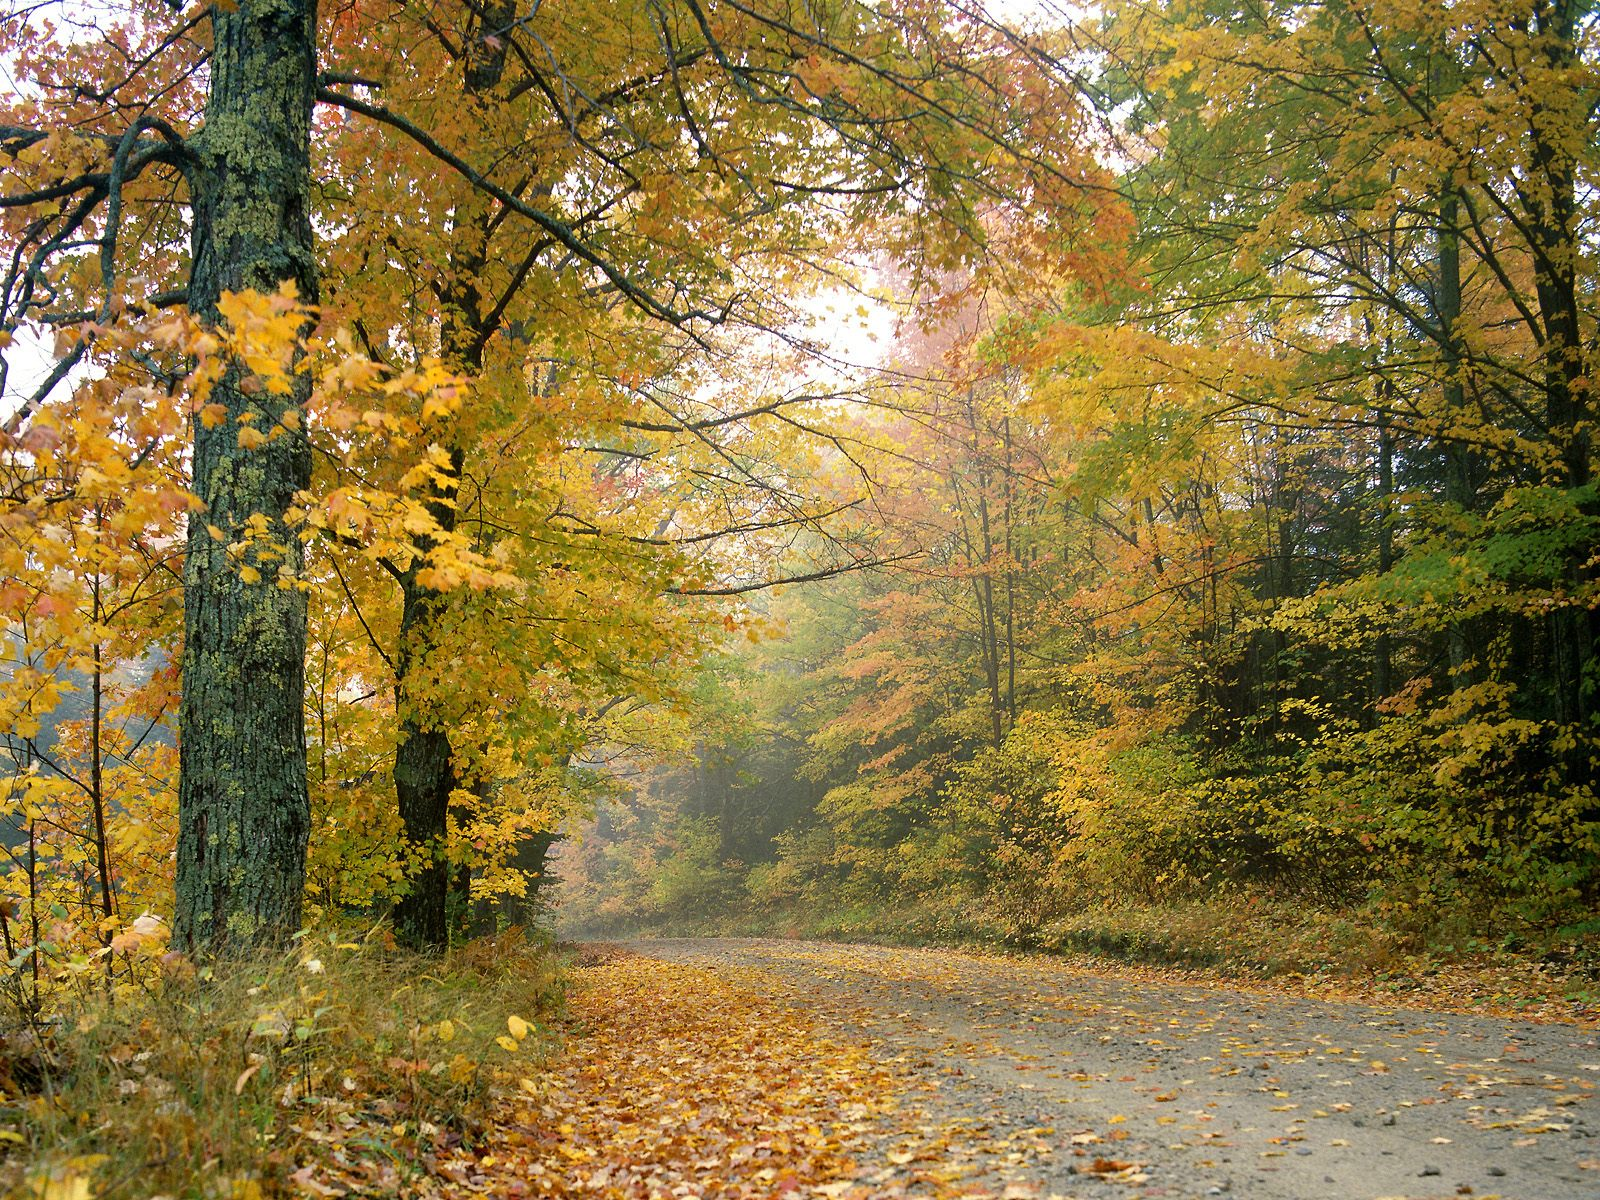 http://4.bp.blogspot.com/-Gxvdm0xtJ6c/UEKGueMIpWI/AAAAAAAAAKU/ttQUteDT7q0/s1600/Nature+Landscapes+HD+Wallpapers+(55).jpg